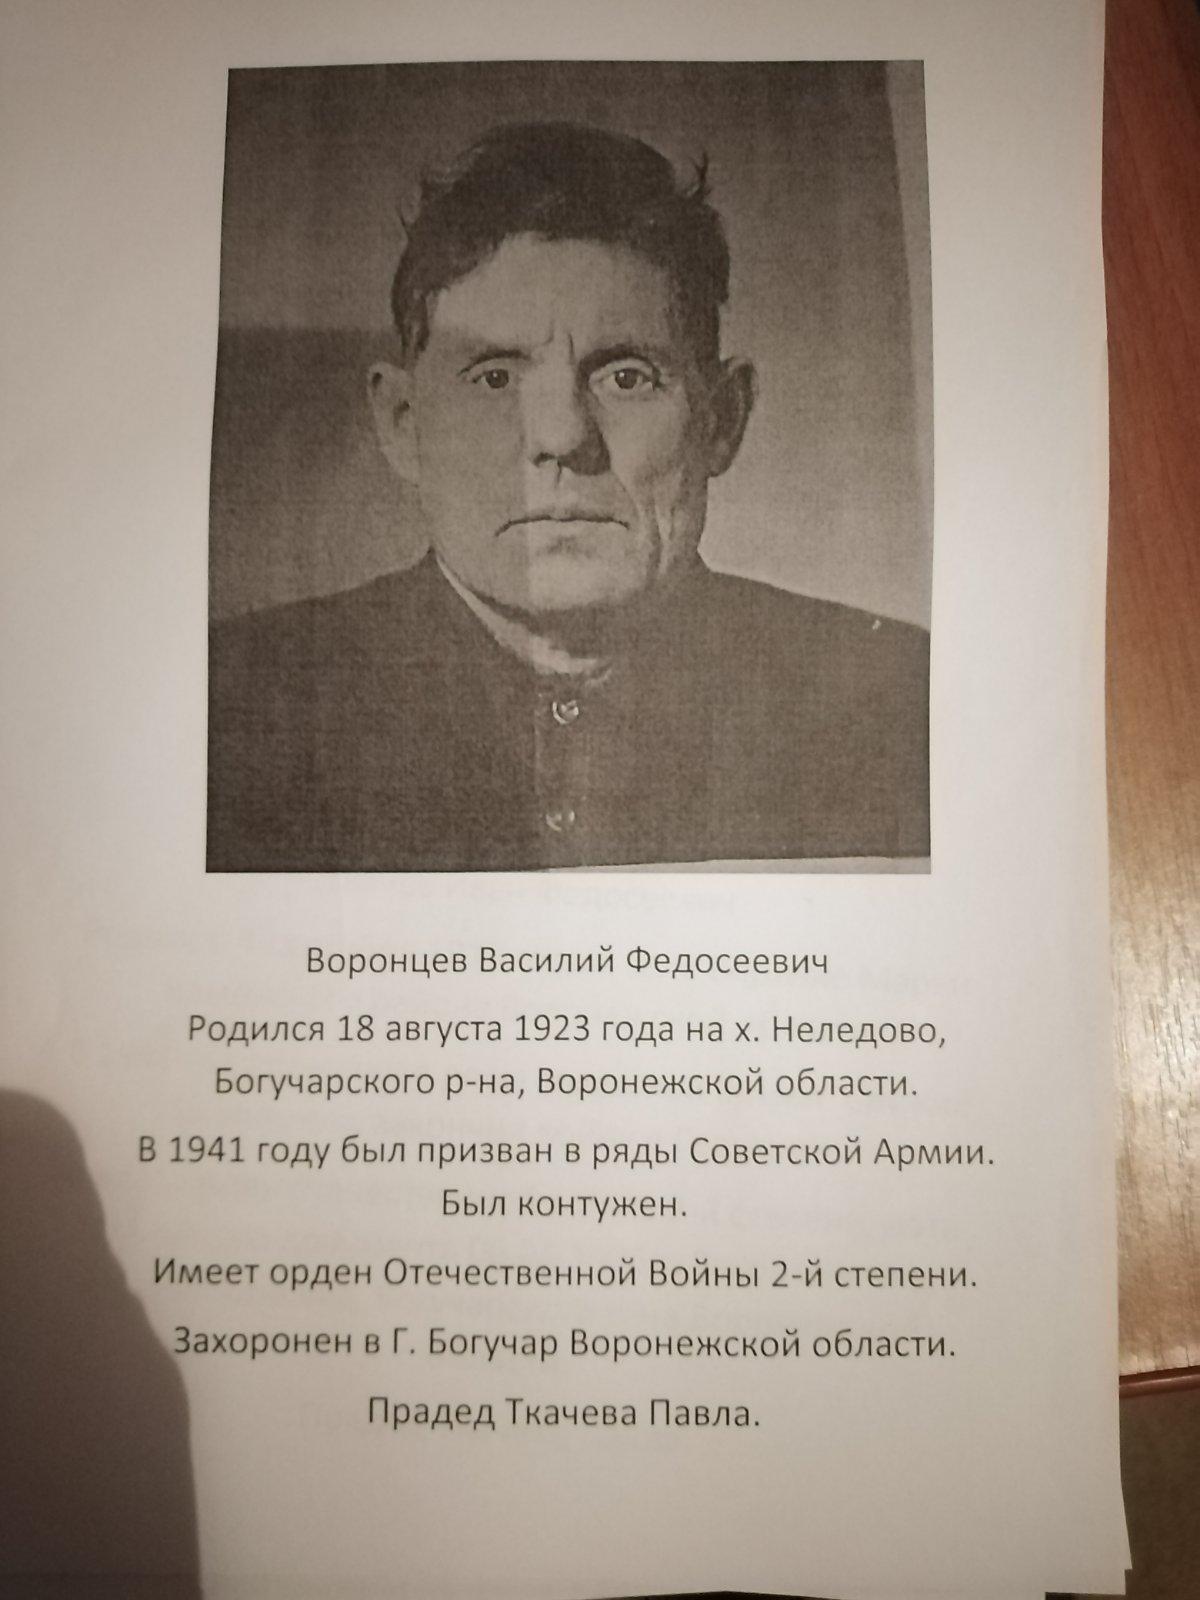 http://vrnschool85.ucoz.ru/19-20/tkachev_praded_1_jpg.jpg